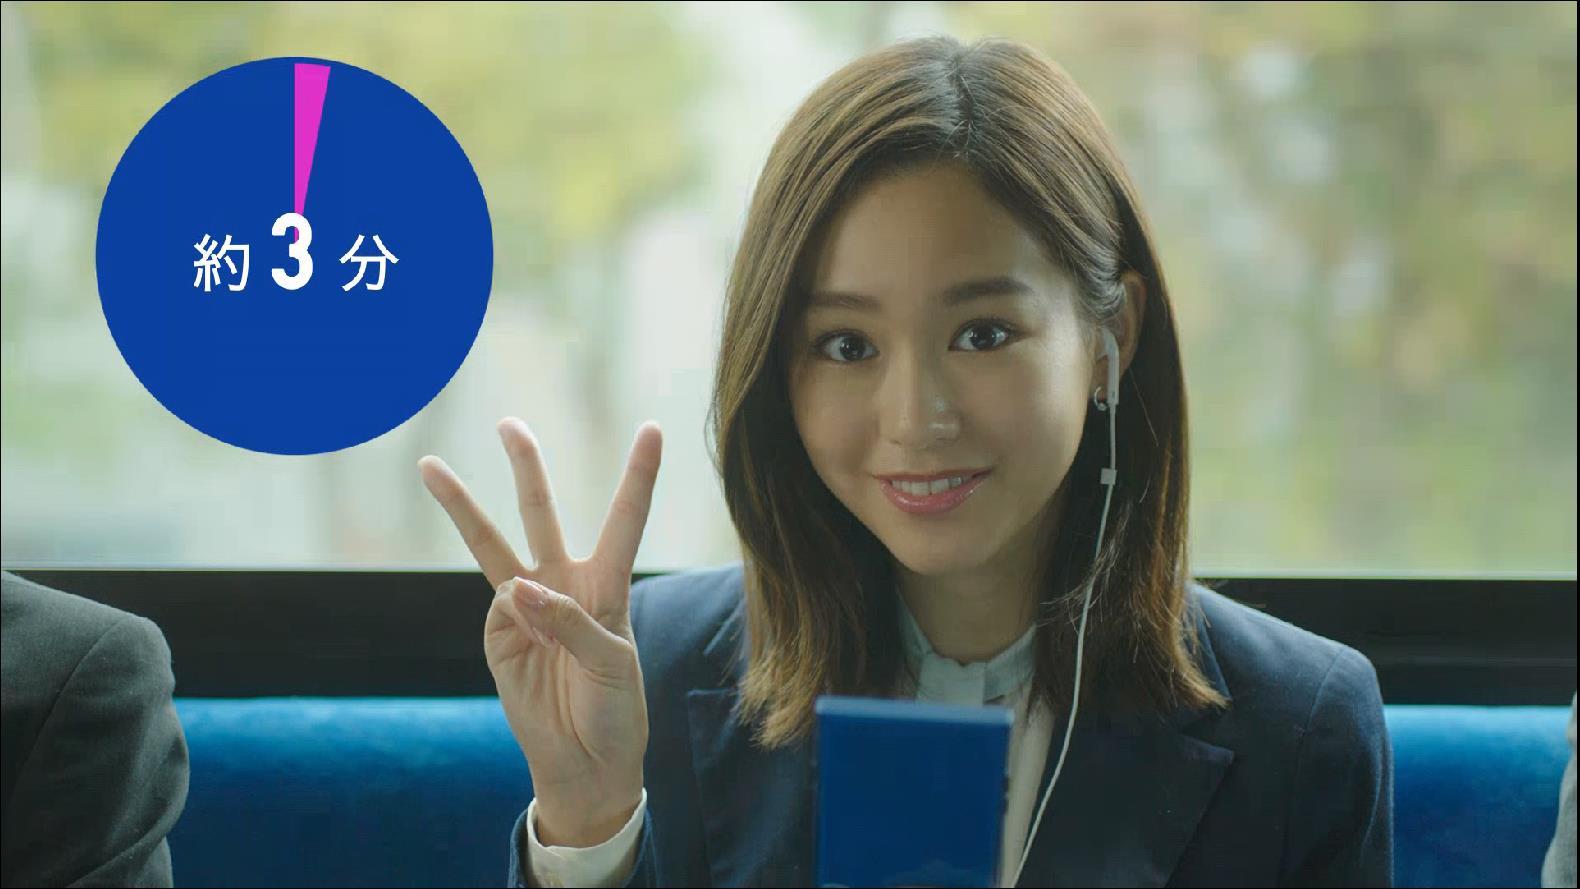 『スタディサプリENGLISH』シリーズ初のCMキャラクターに桐谷 ...